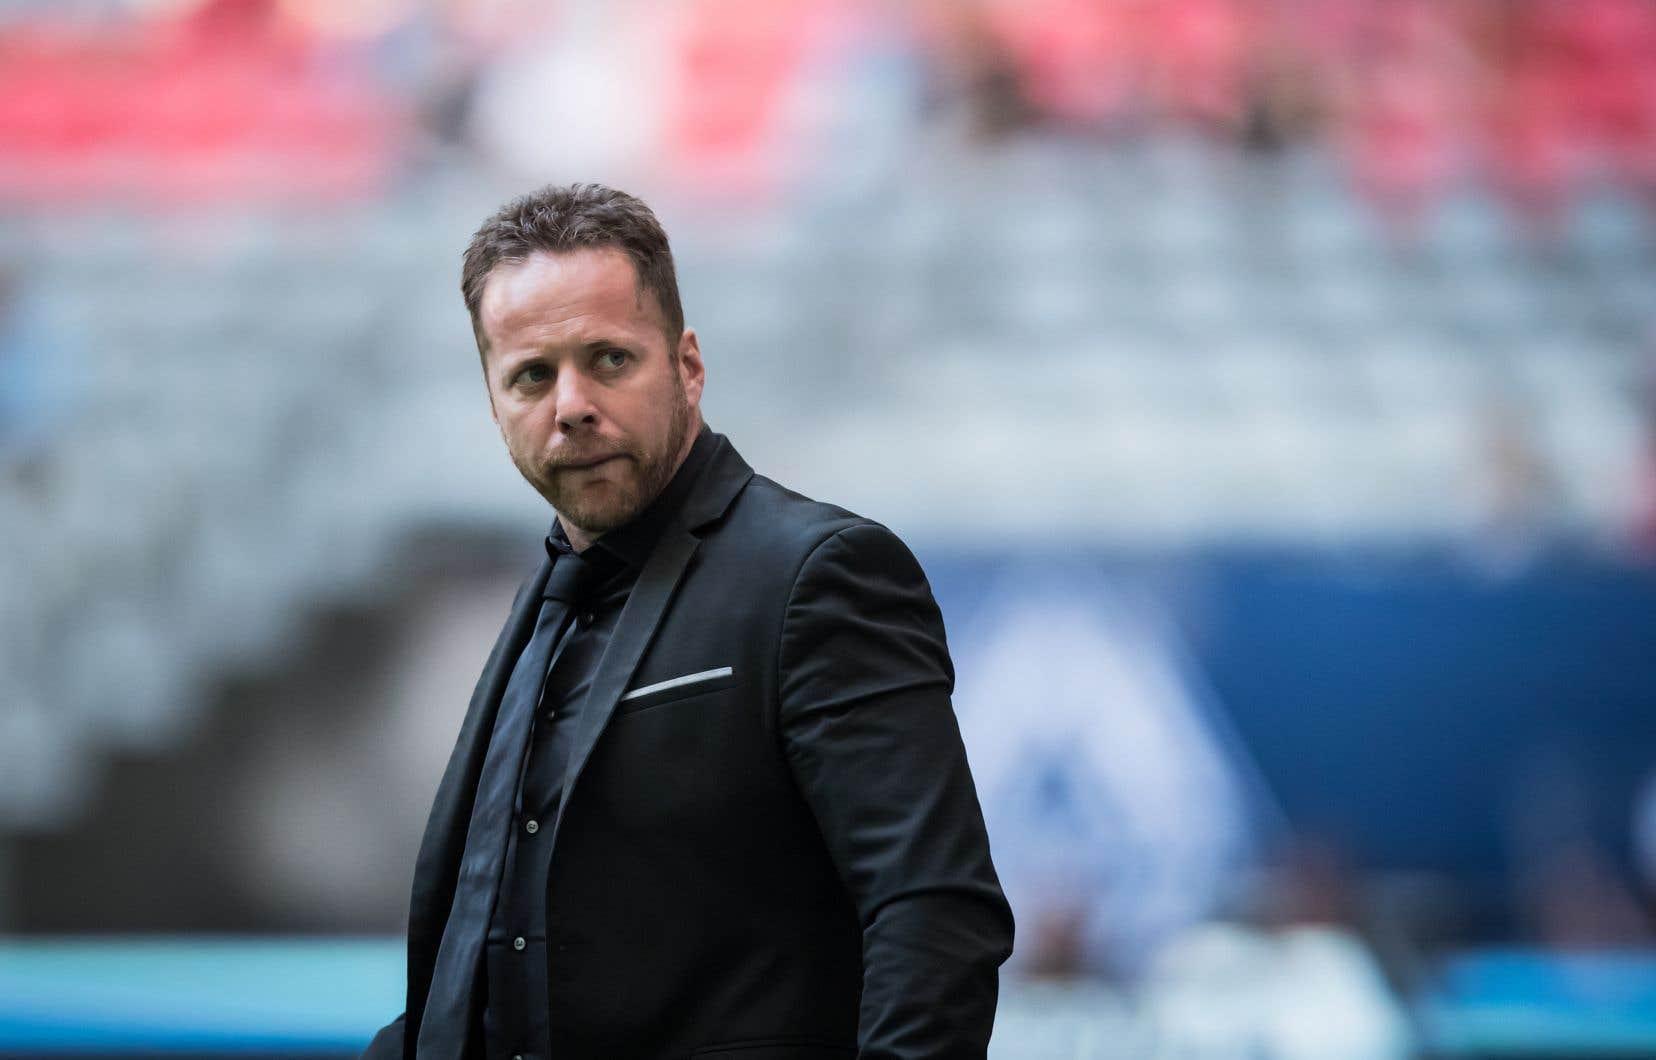 Même s'il est heureux dans ses nouveaux quartiers en Colombie-Britannique, Dos Santos vit une saison difficile à la barre d'une équipe en transition.